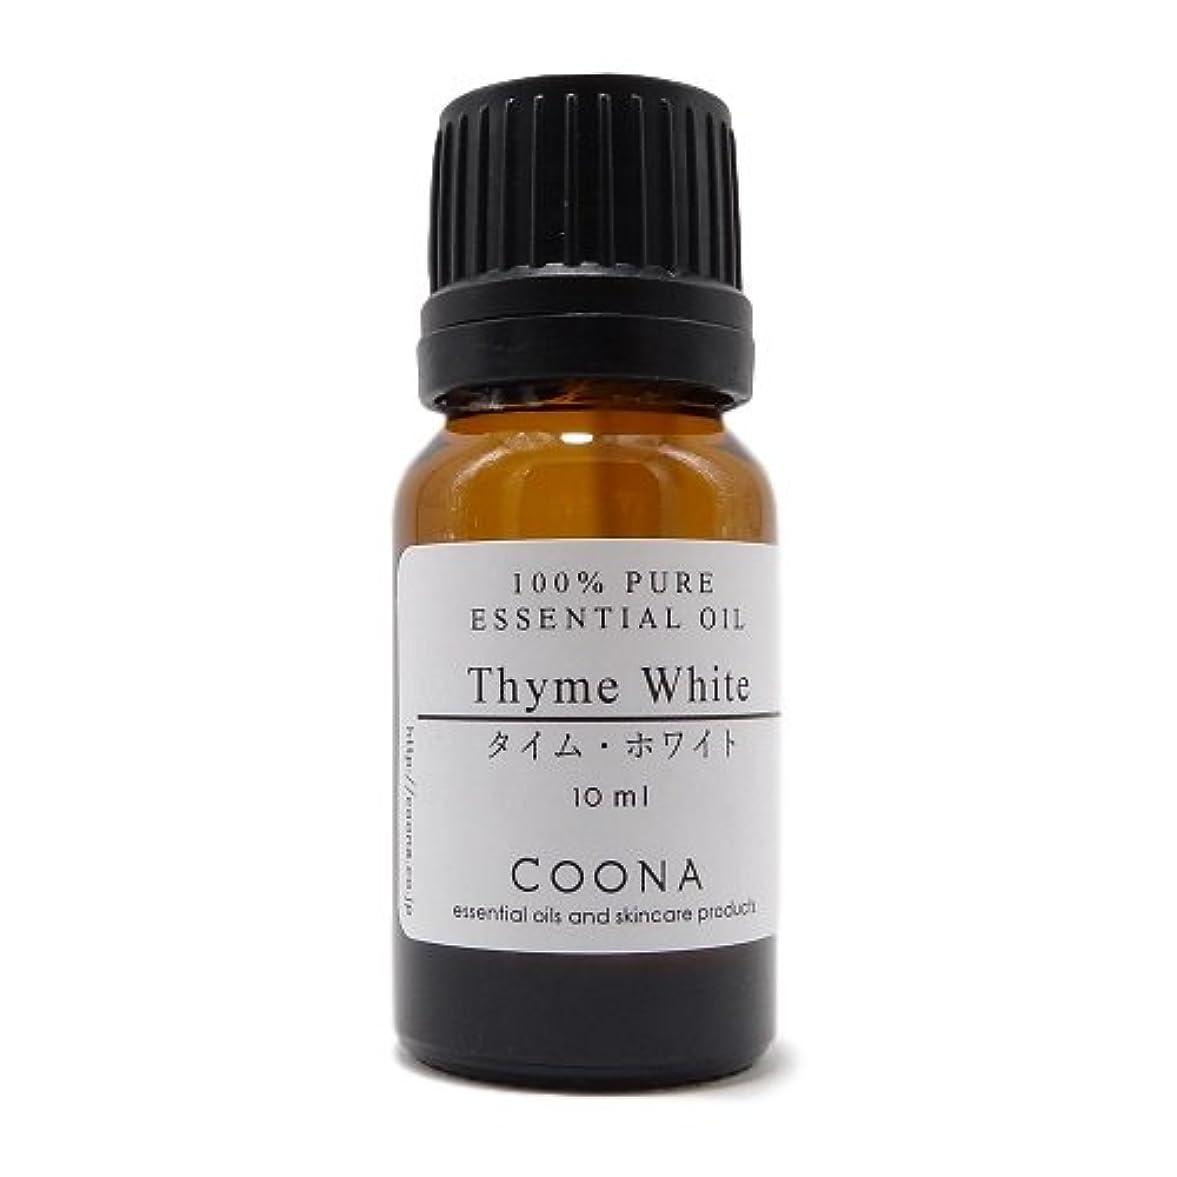 バインド農奴通知タイム ホワイト 10 ml (COONA エッセンシャルオイル アロマオイル 100%天然植物精油)